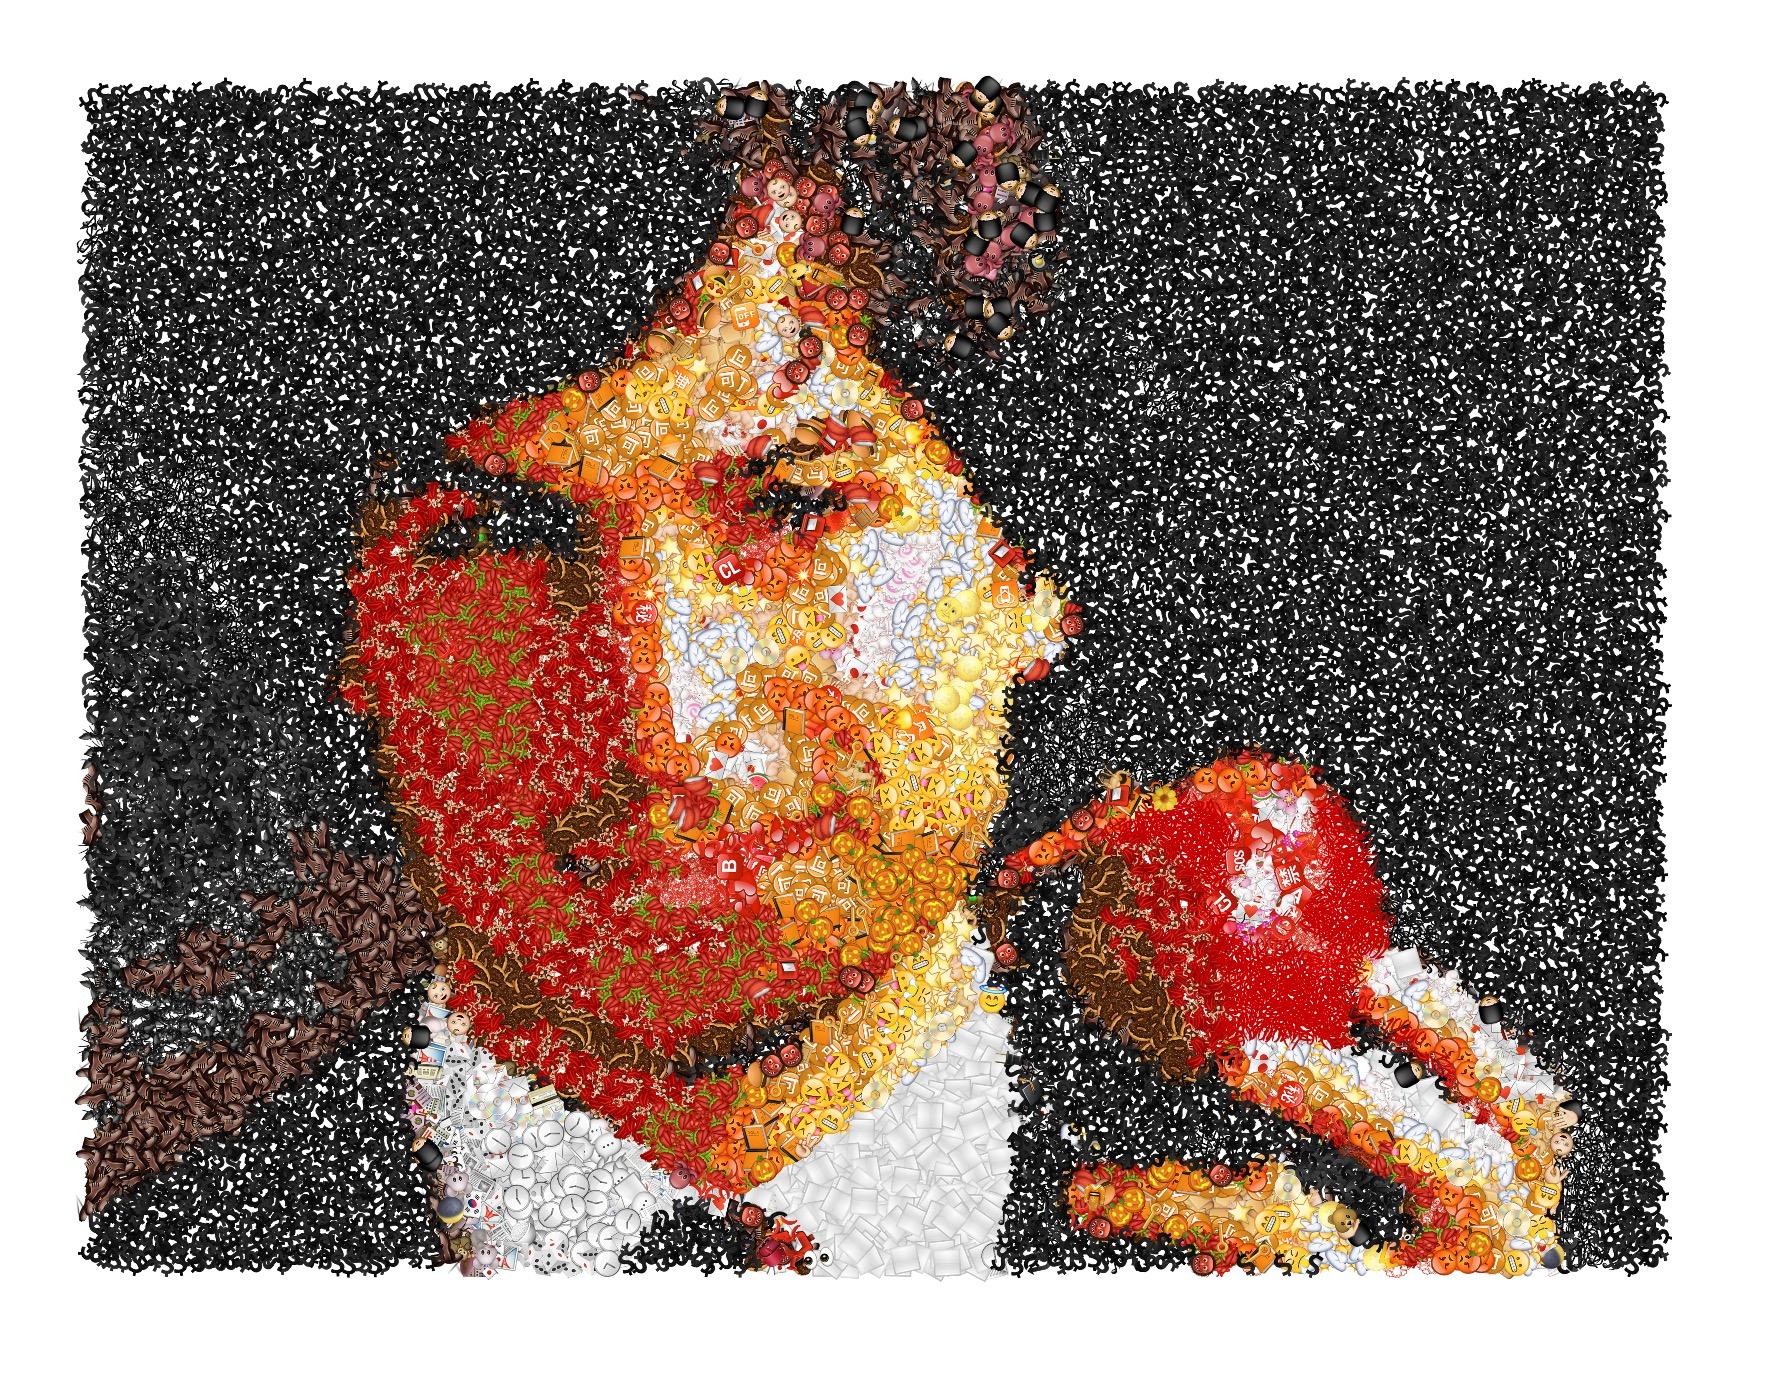 Mosaico Come Si Realizza come si fa] da foto a mosaico di emoji con una semplice web